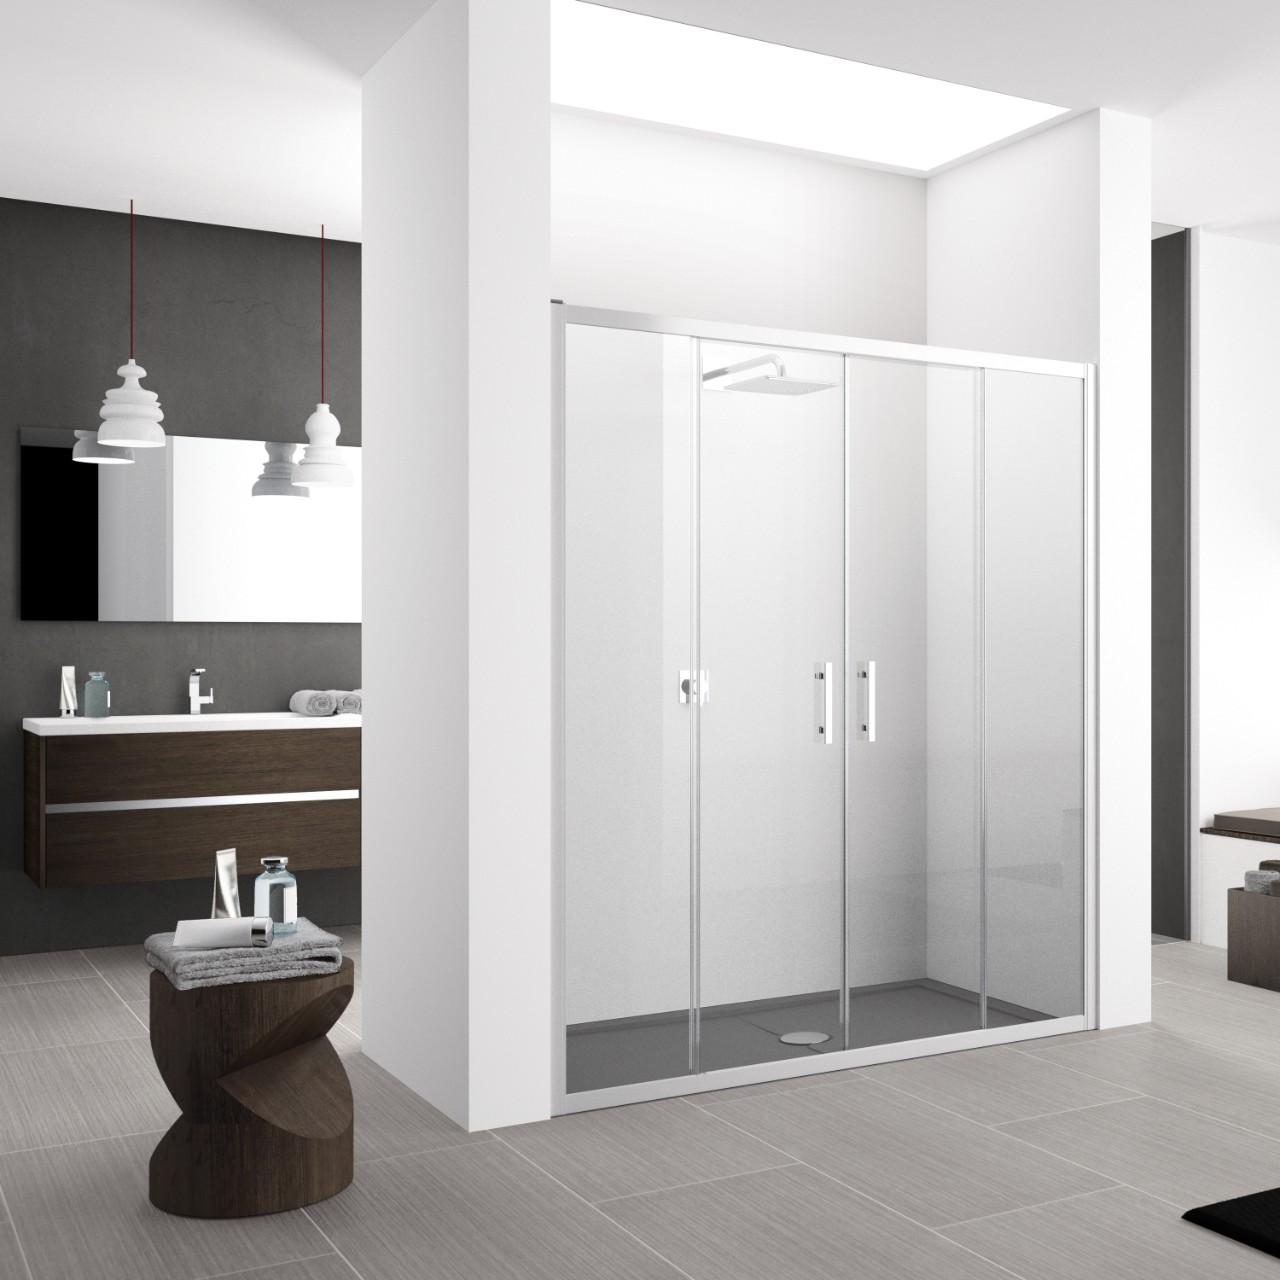 douchewanden zephyros 2a novellini. Black Bedroom Furniture Sets. Home Design Ideas